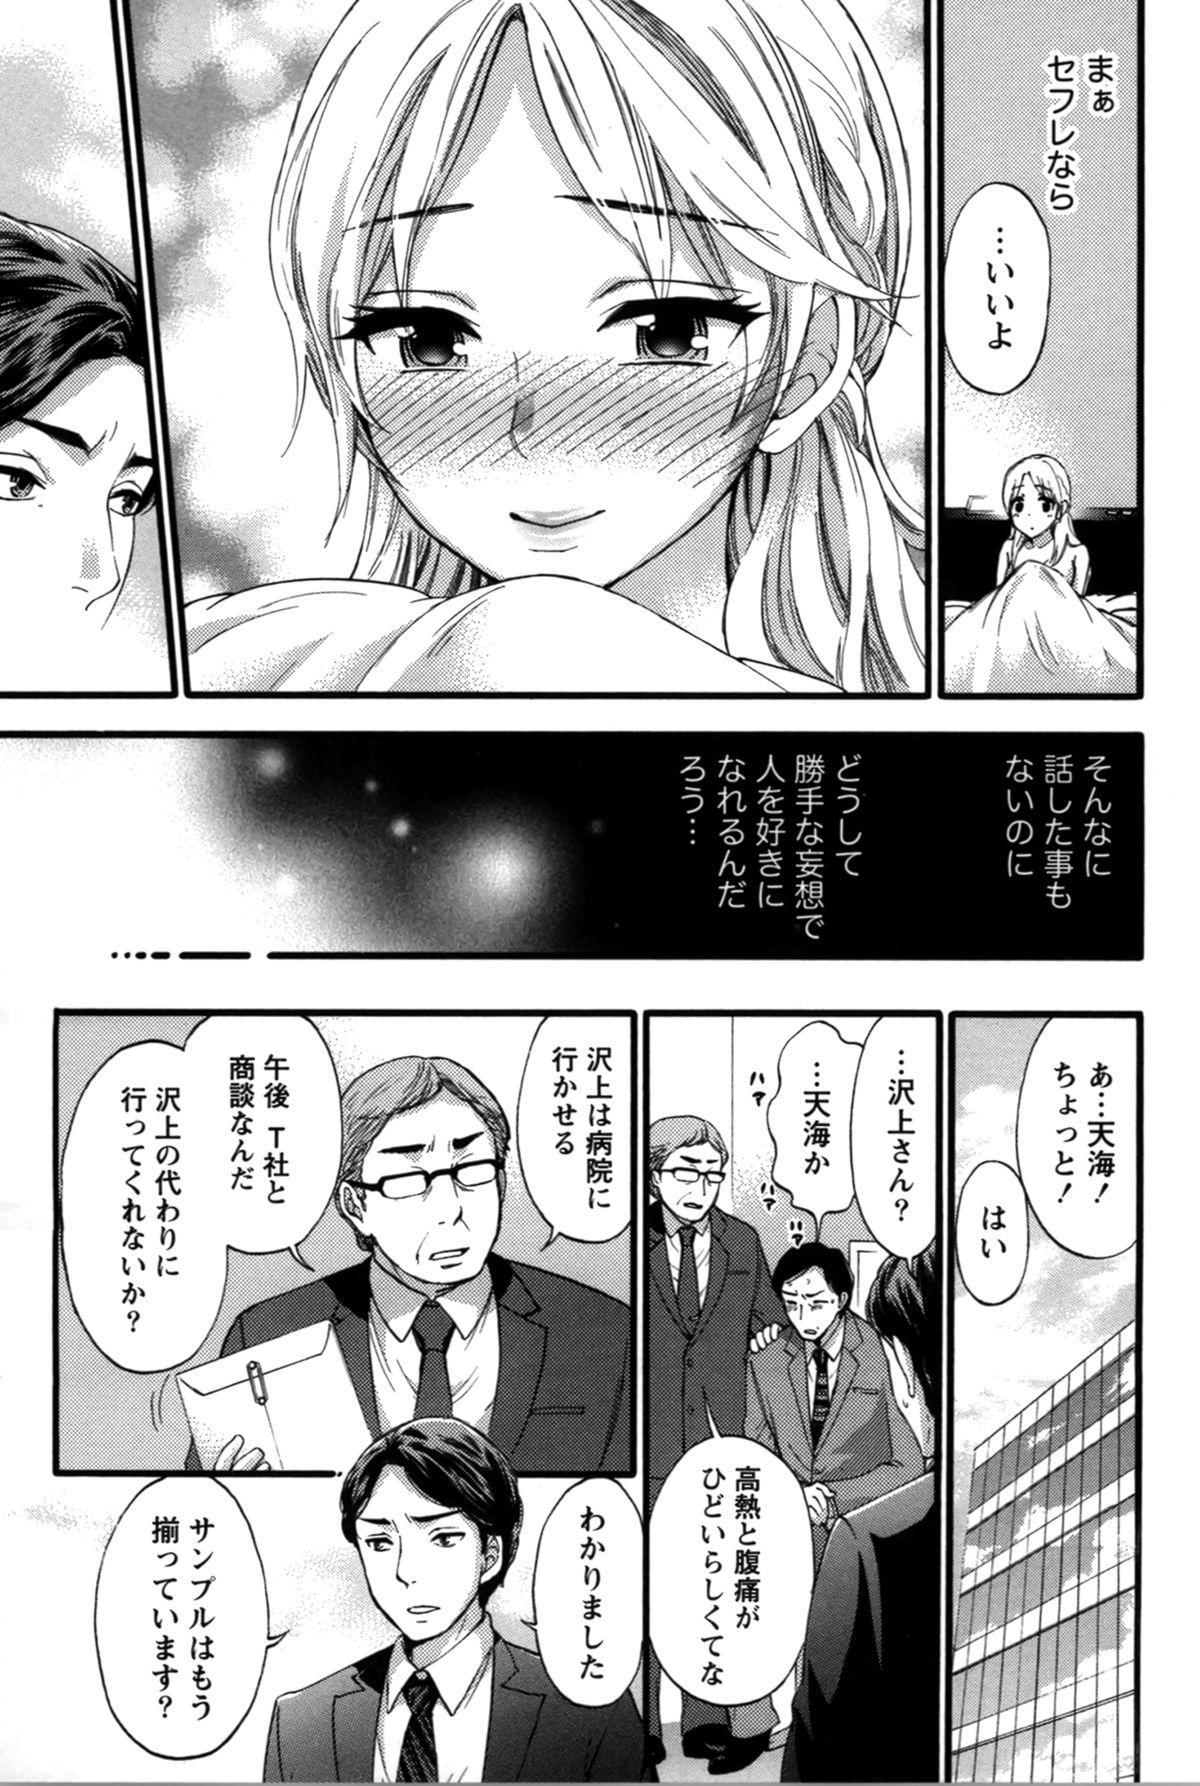 Anata to Watashi wa Warukunai 127